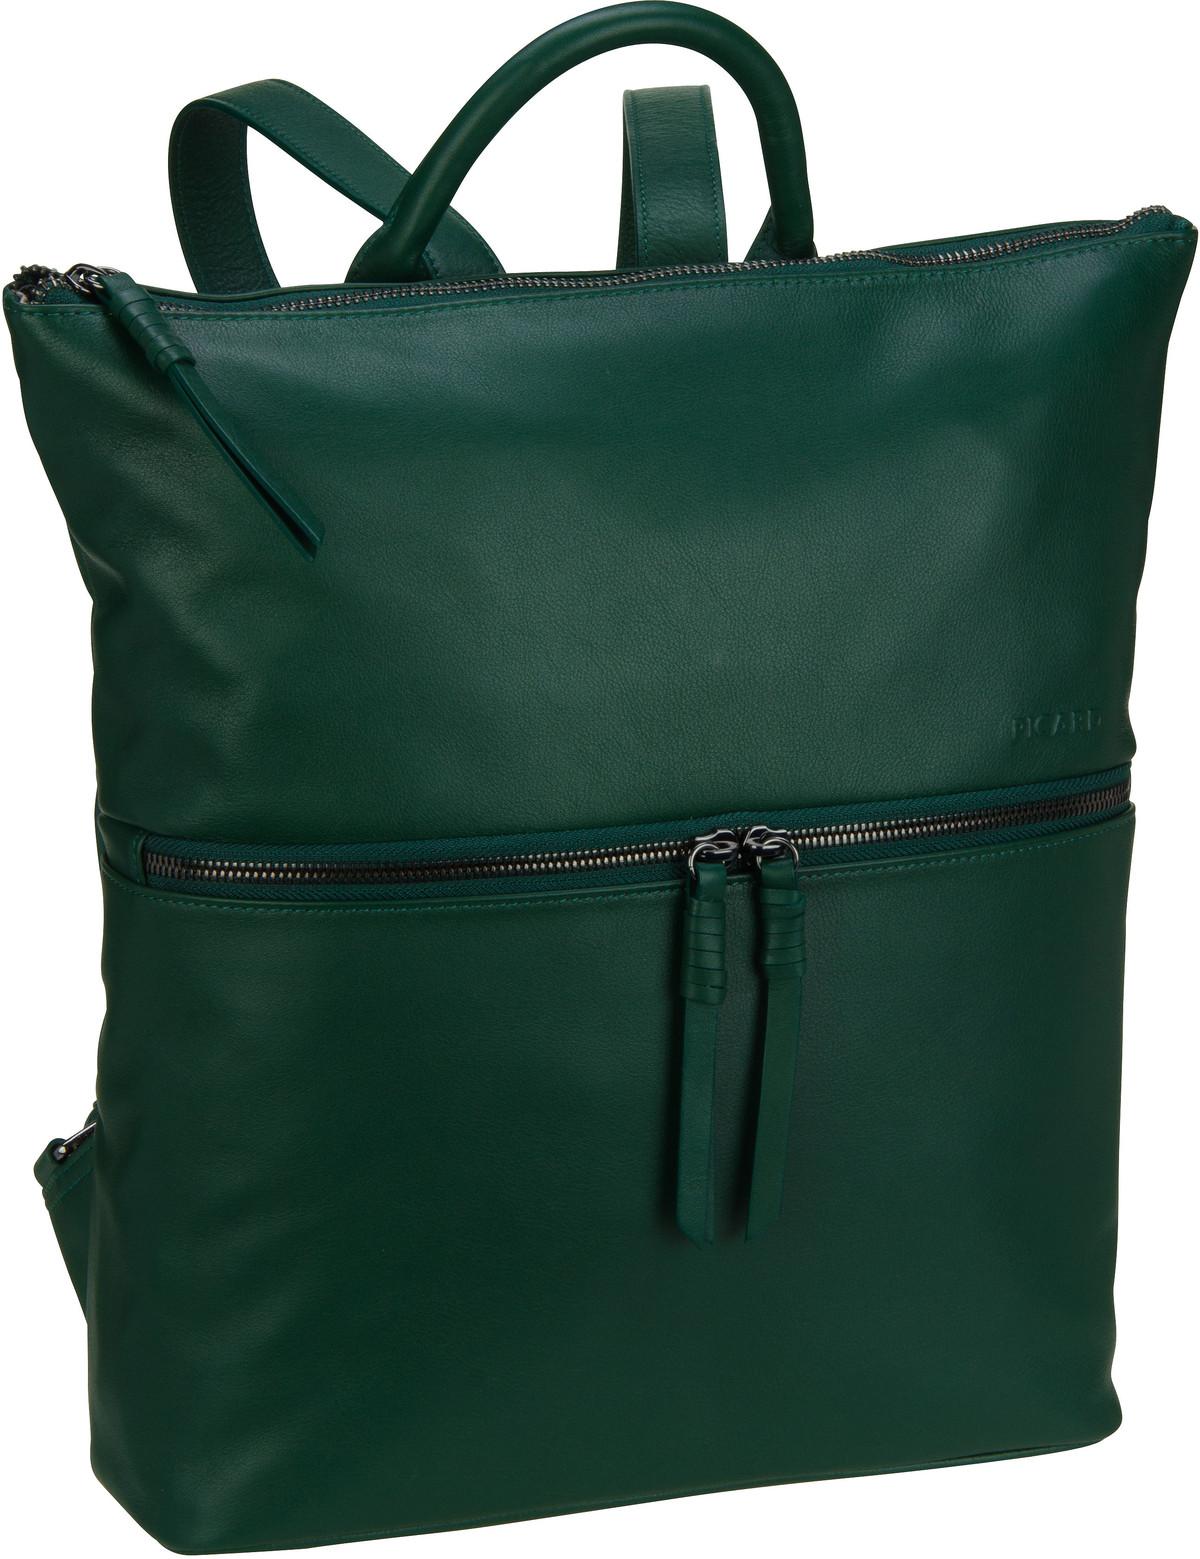 Rucksack / Daypack ZipZip 9568 Pinegreen